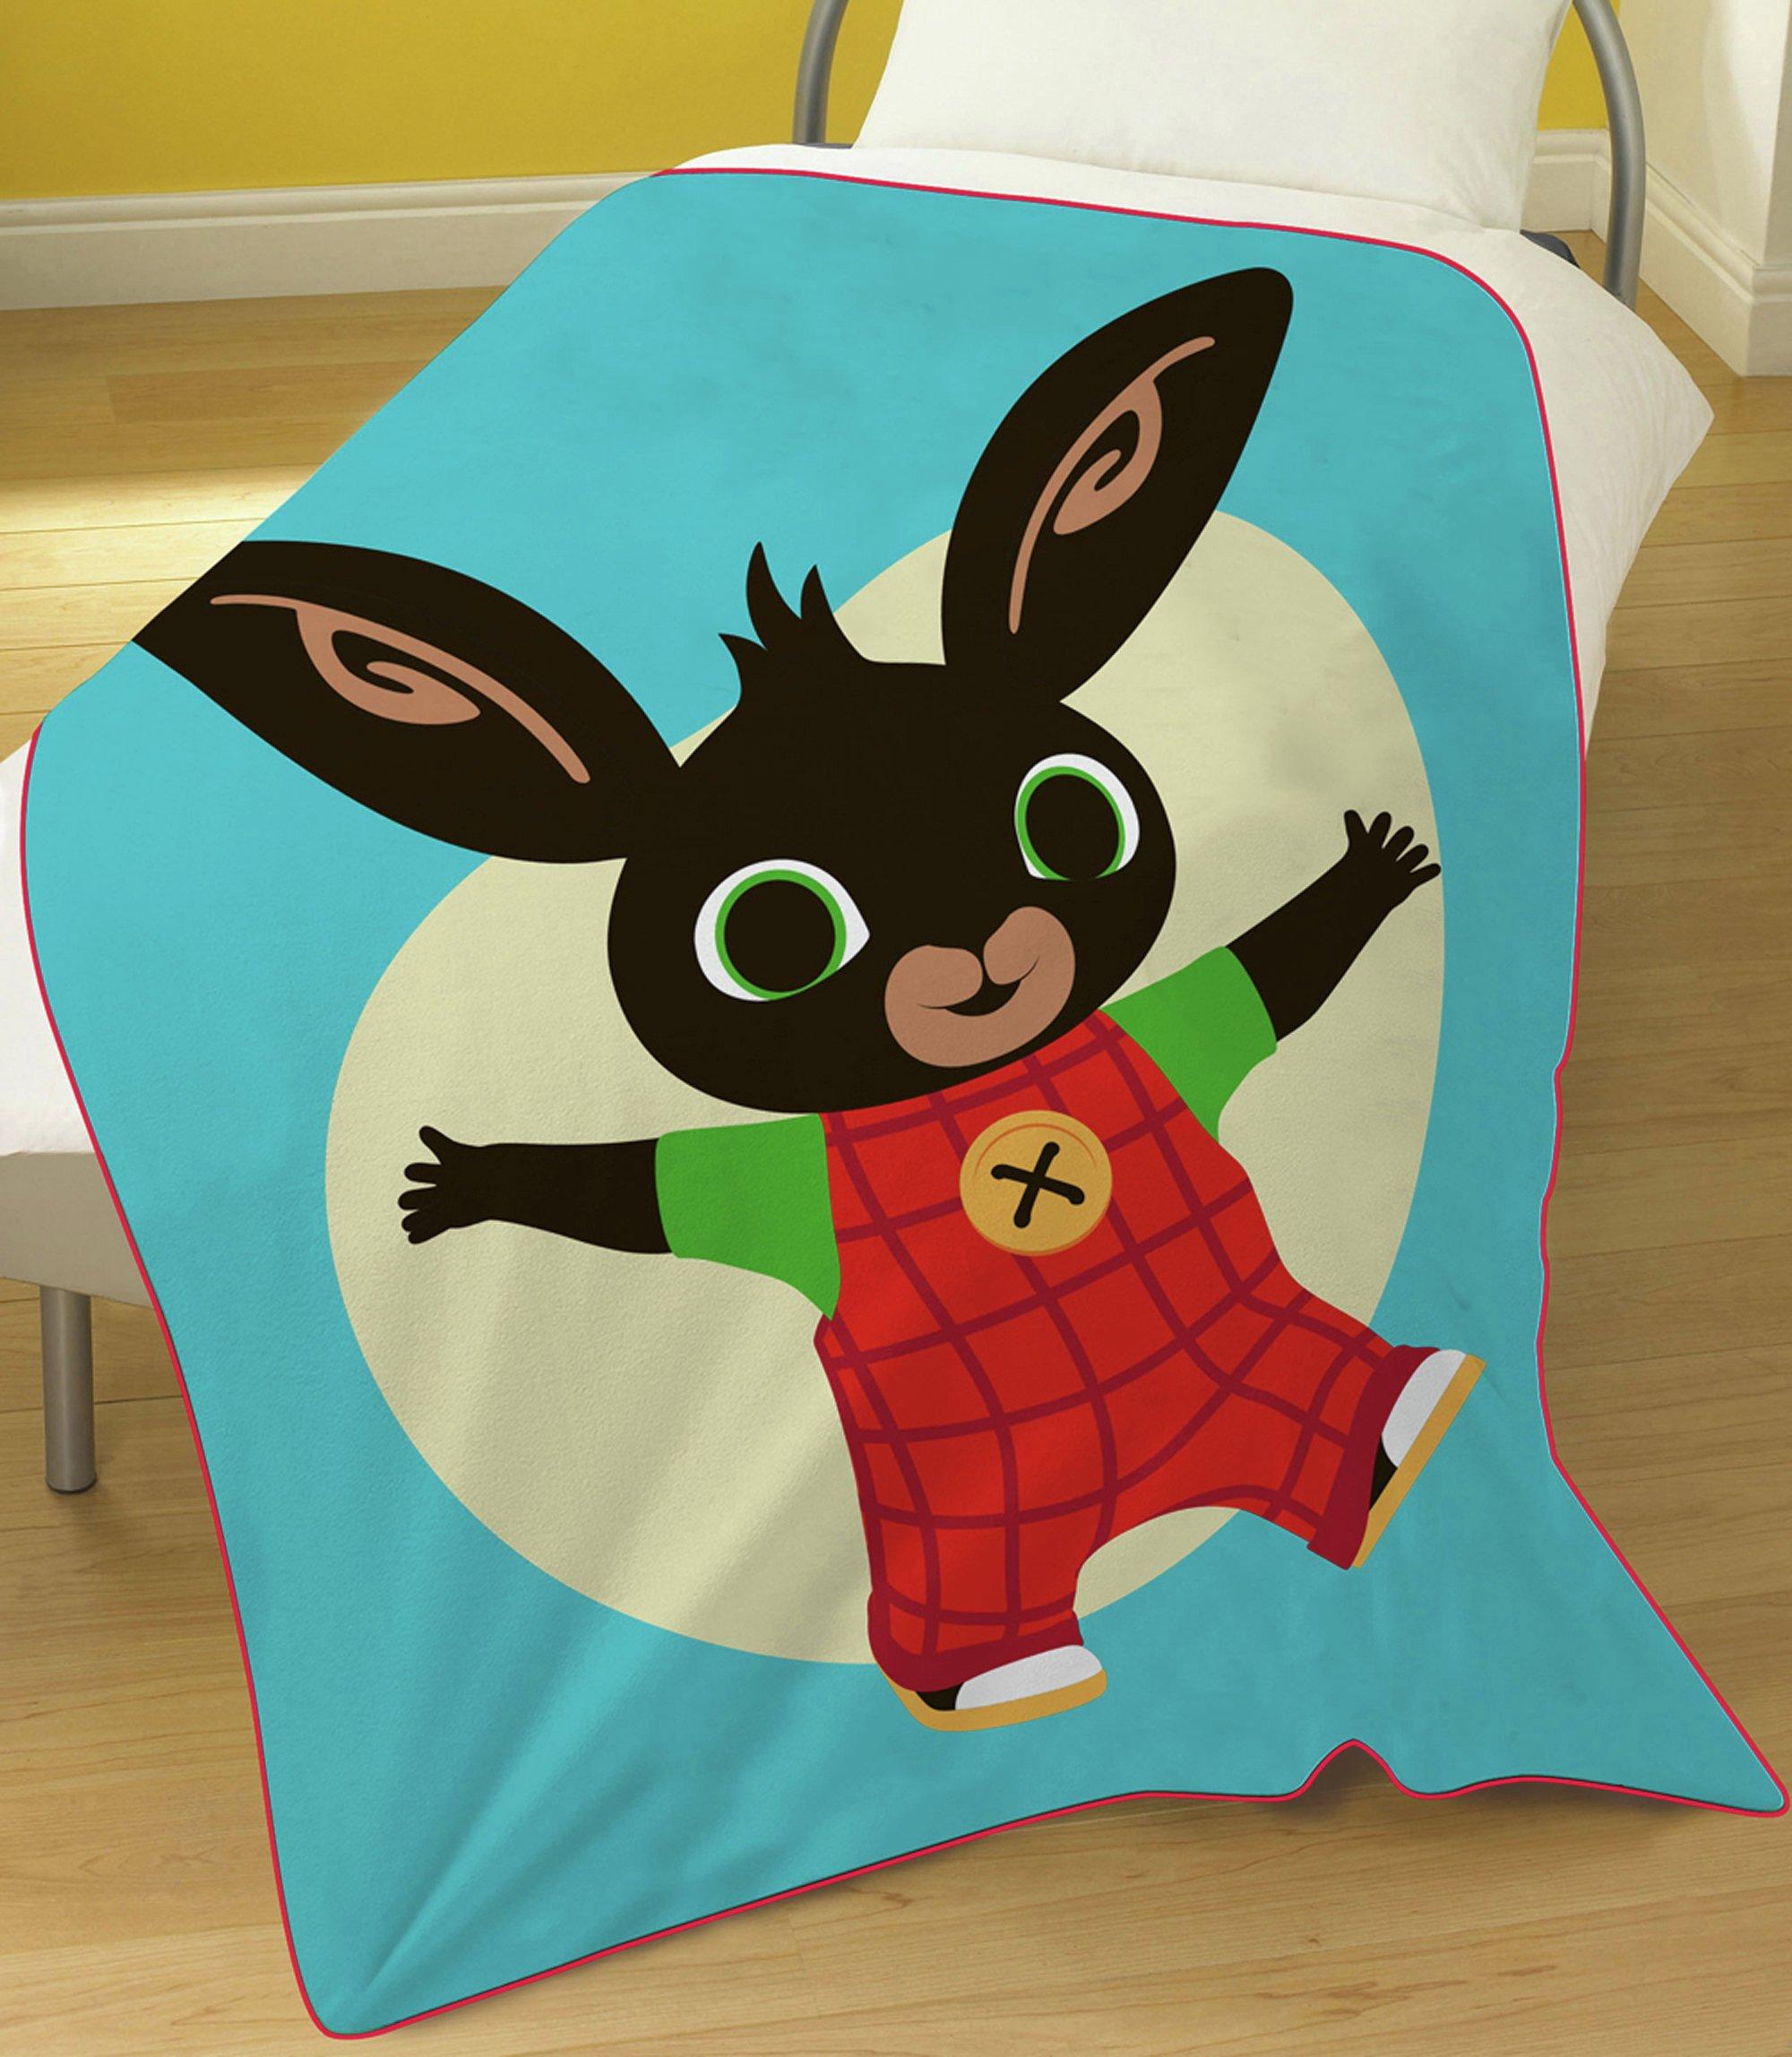 Image of Bing Bunny Fleece Blanket.